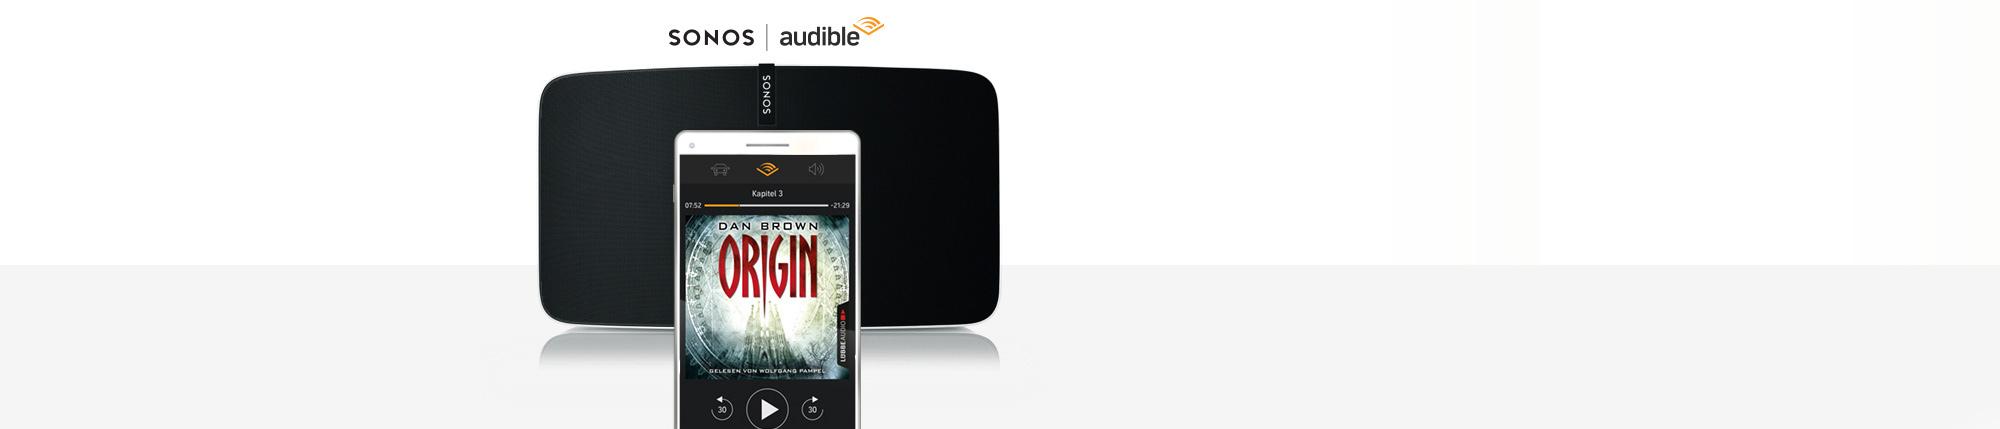 Das Bild zeigt einen Sonos-Speaker und die Audible-App